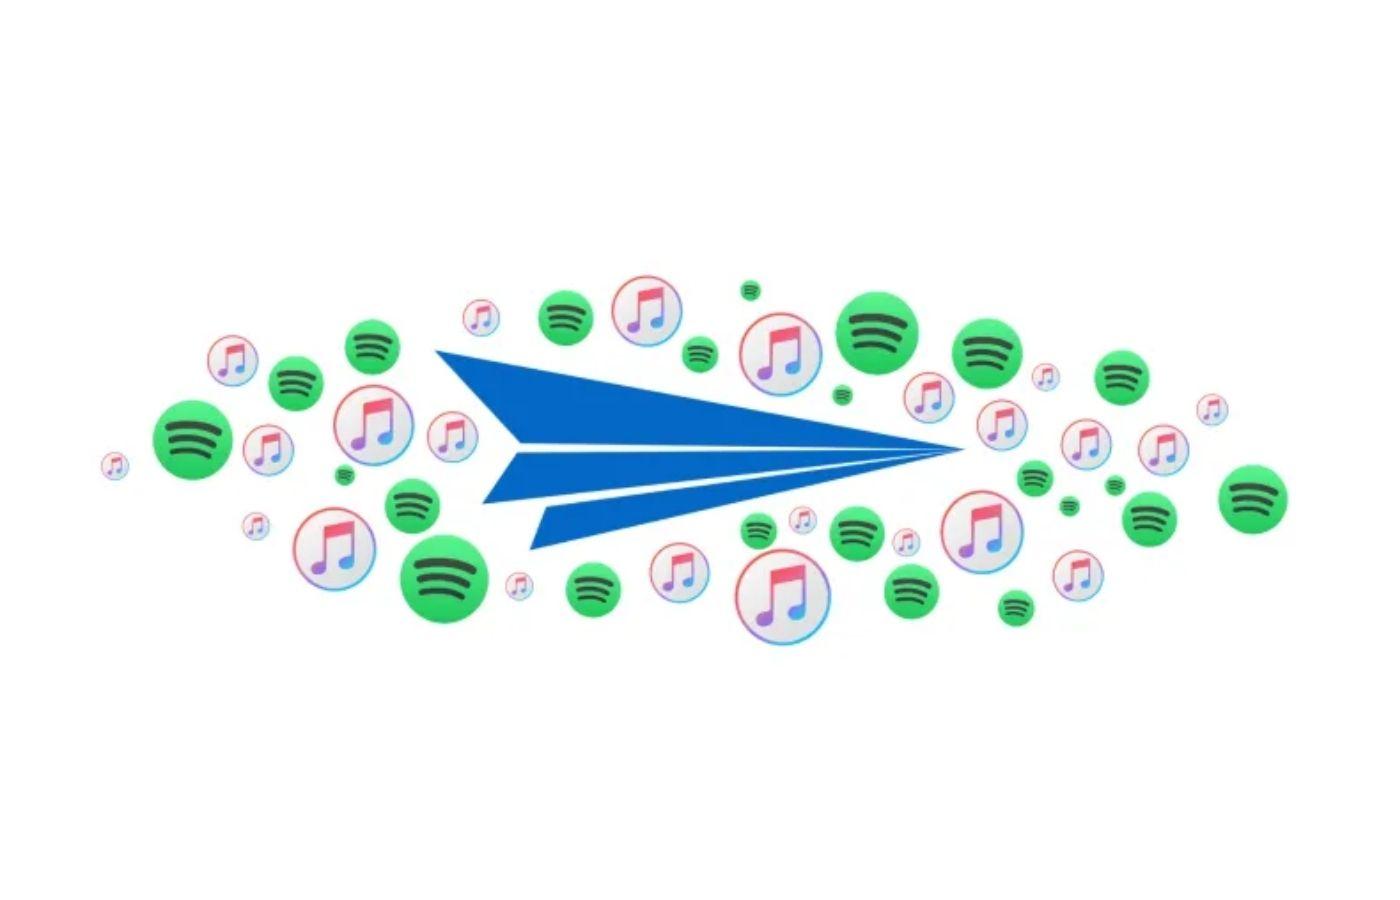 El servicio de promos Inflyte se integra con Spotify y Apple Music